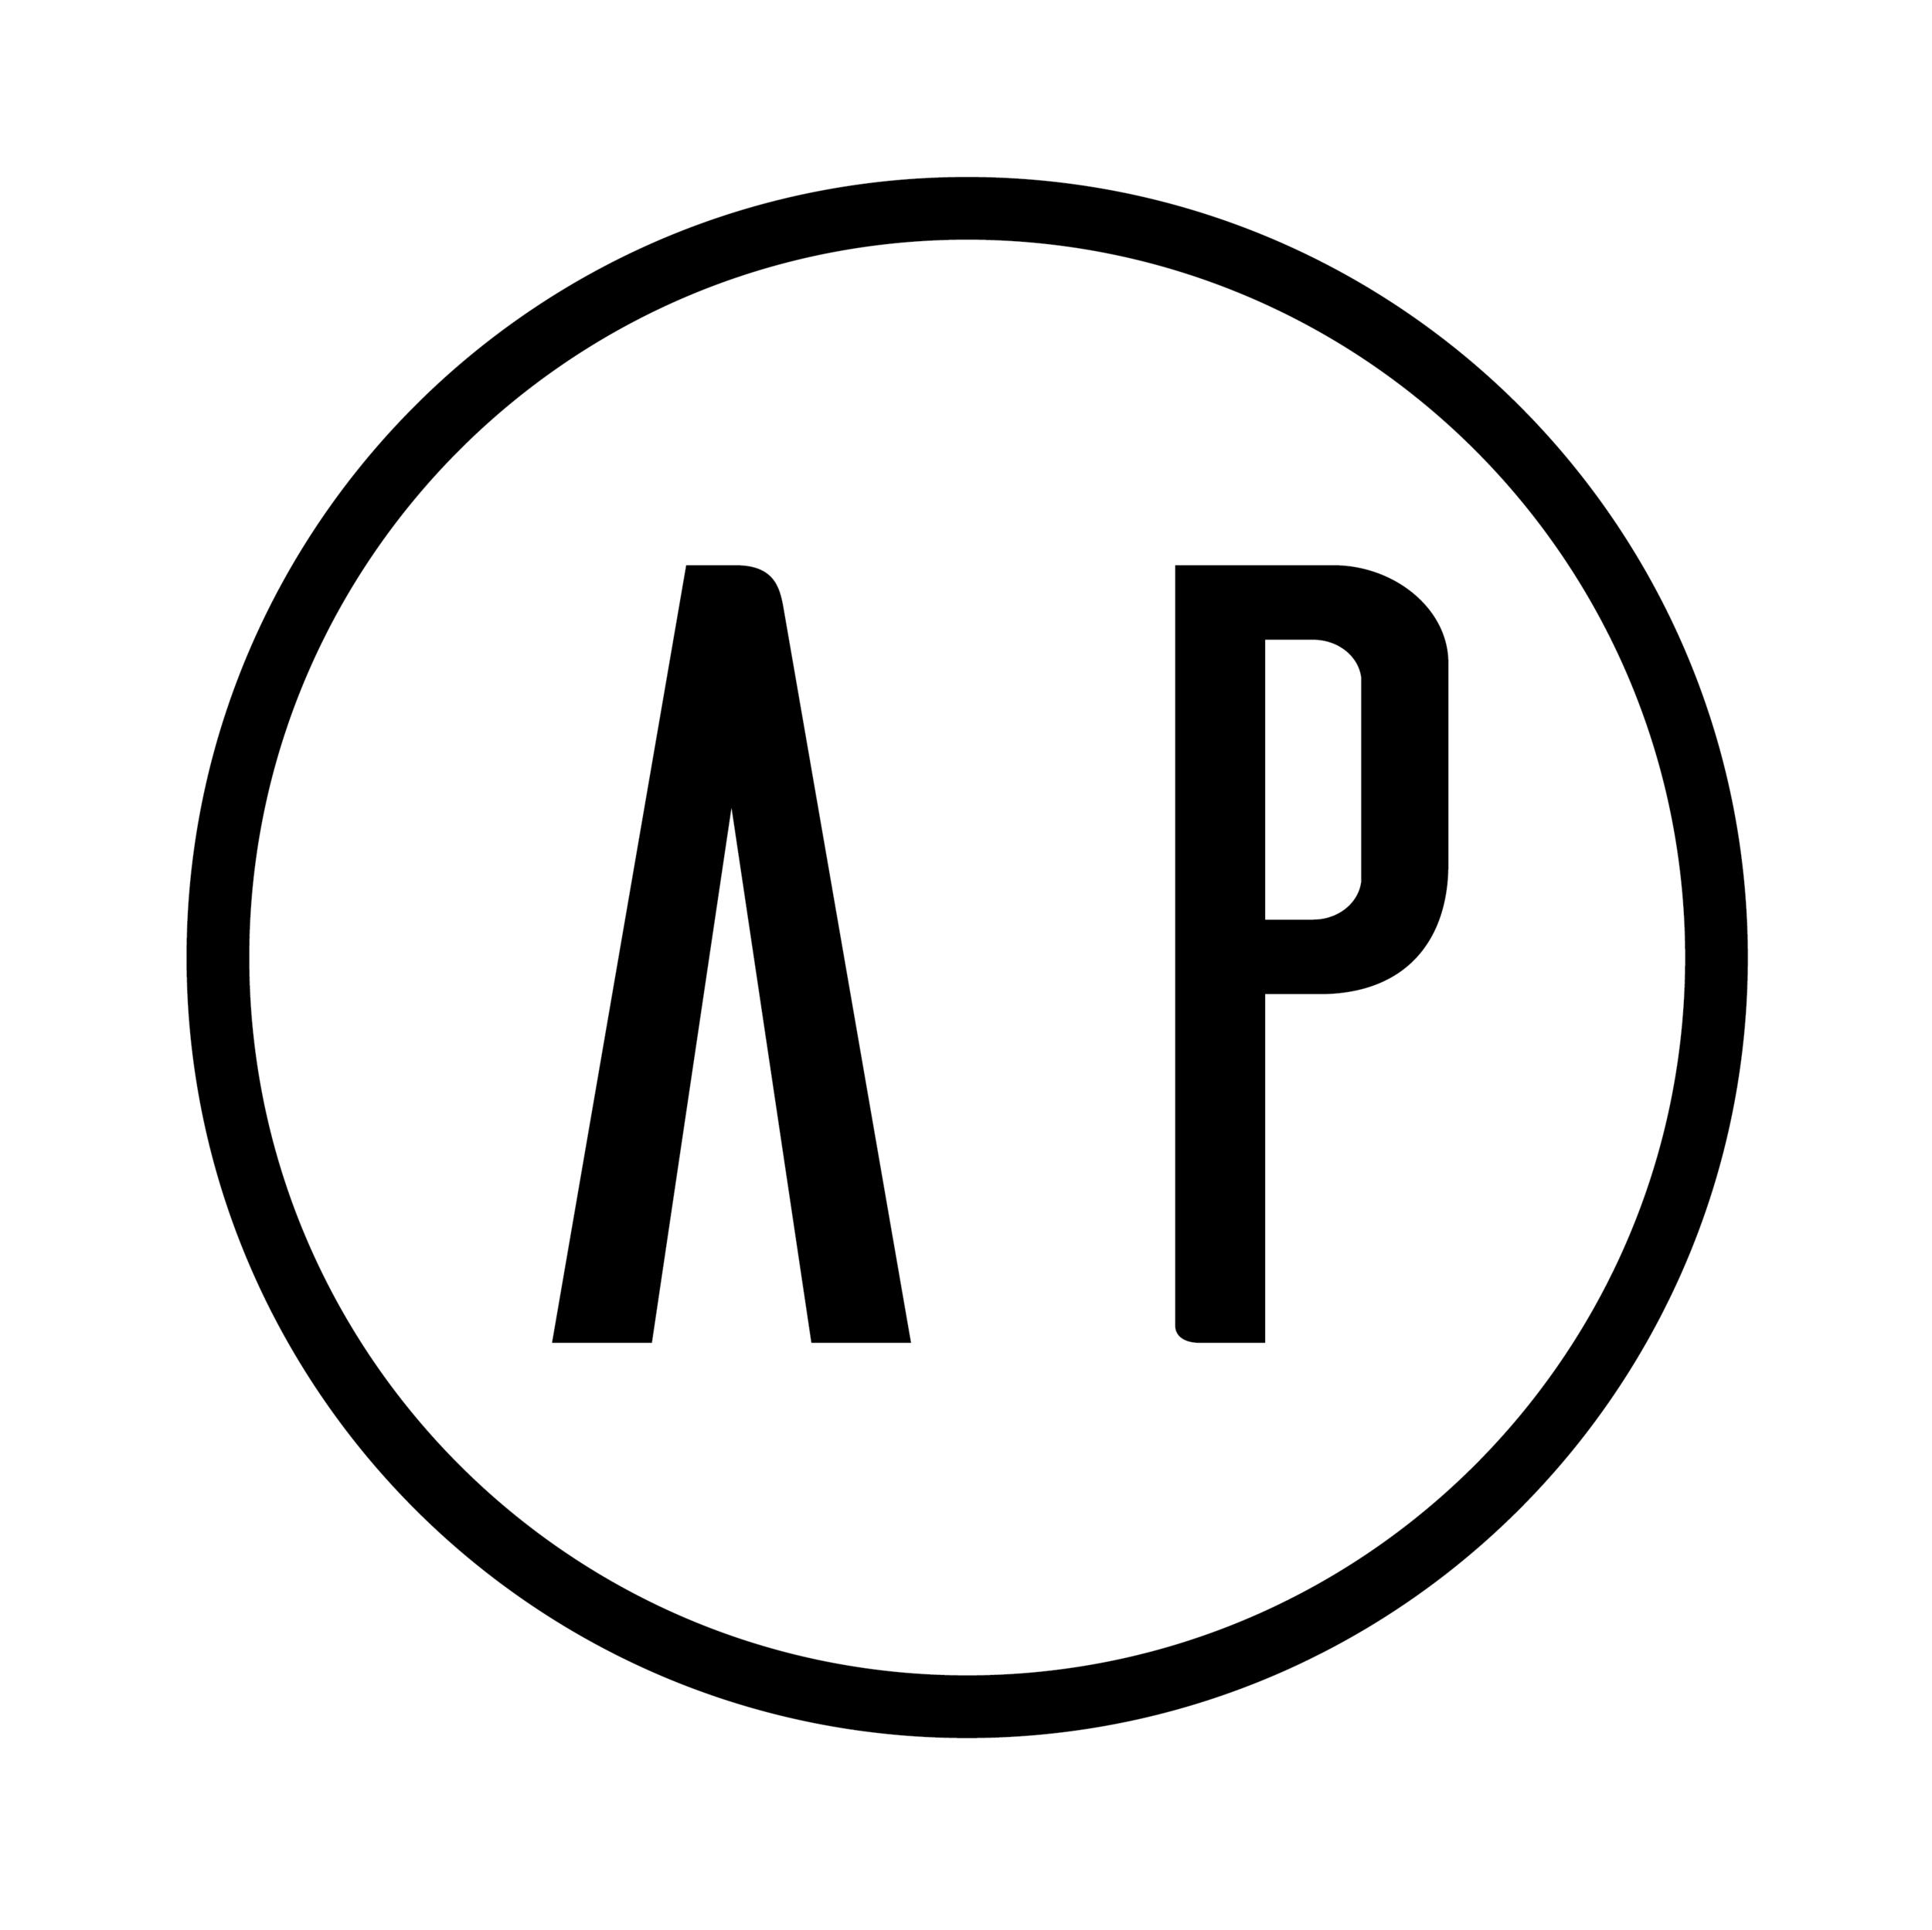 AP circle logo black on transparent-01.png